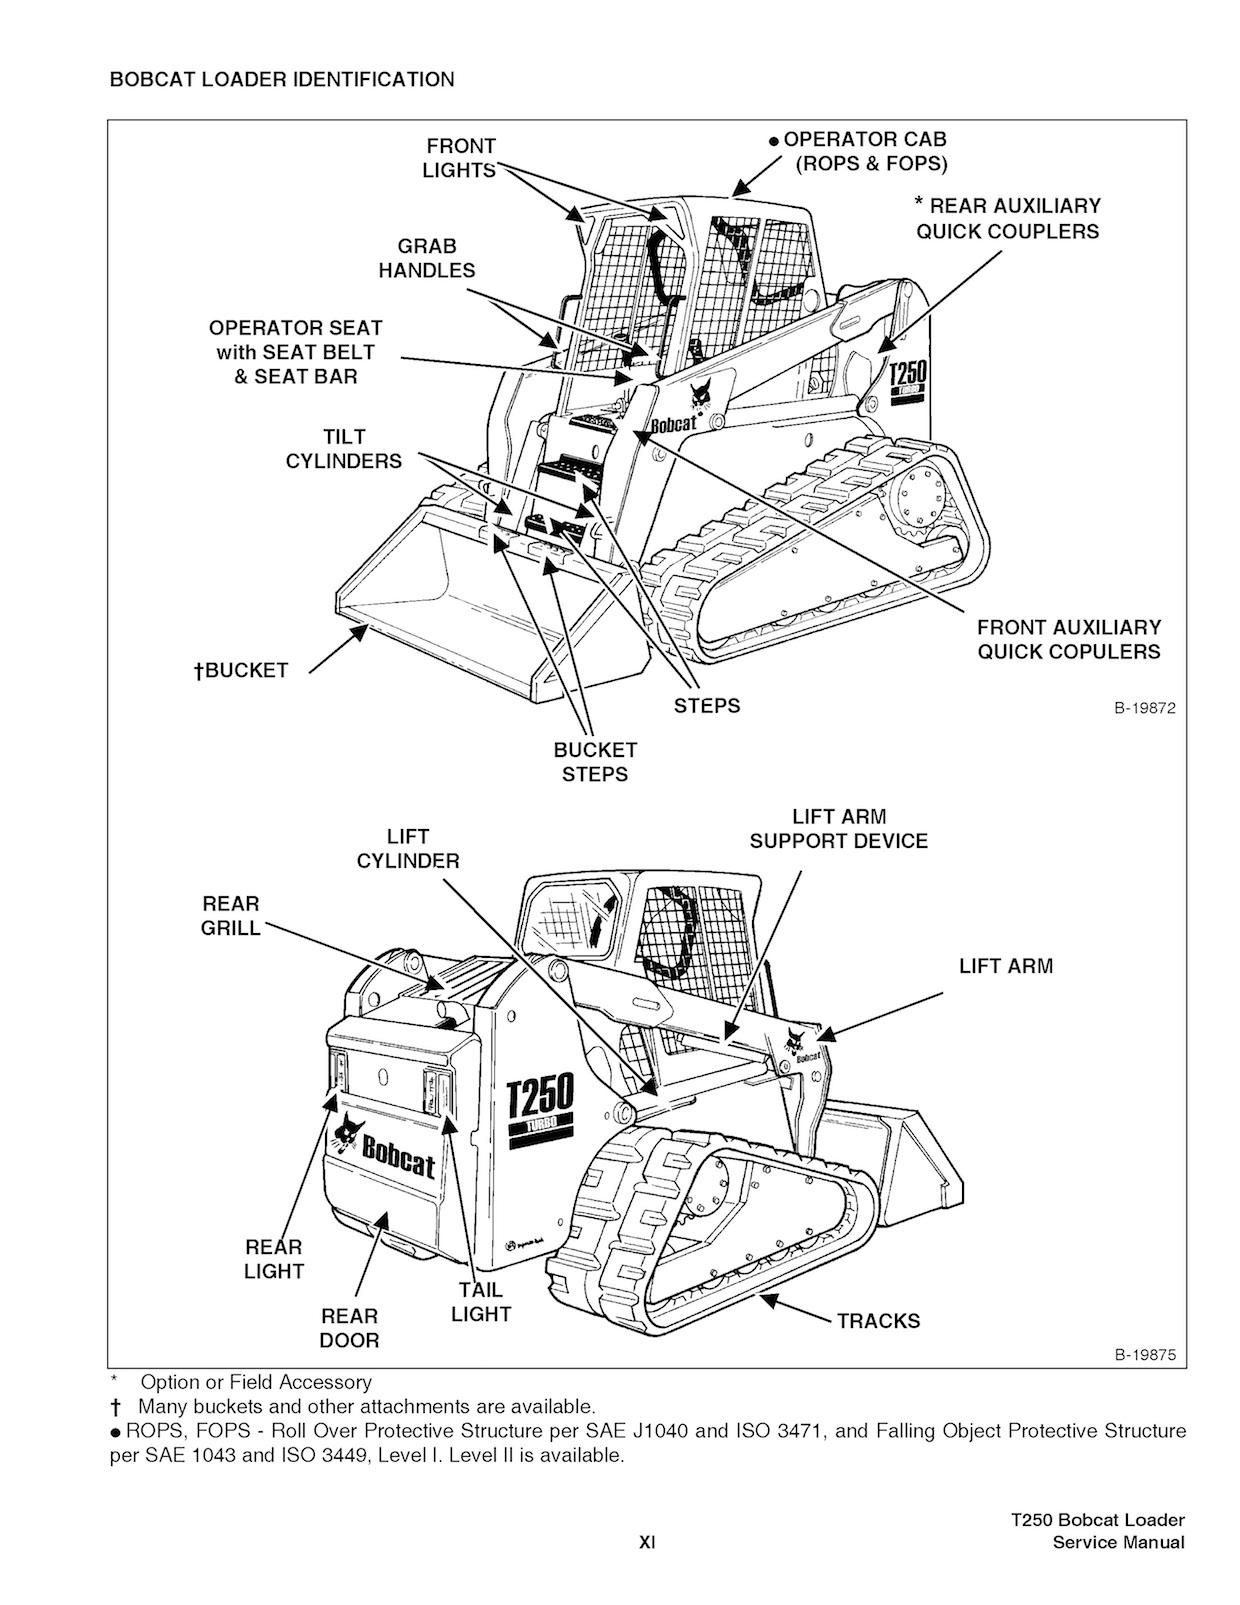 medium resolution of bobcat t250 parts diagram wiring diagram used bobcat t 250 parts catalog bobcat t250 parts diagram